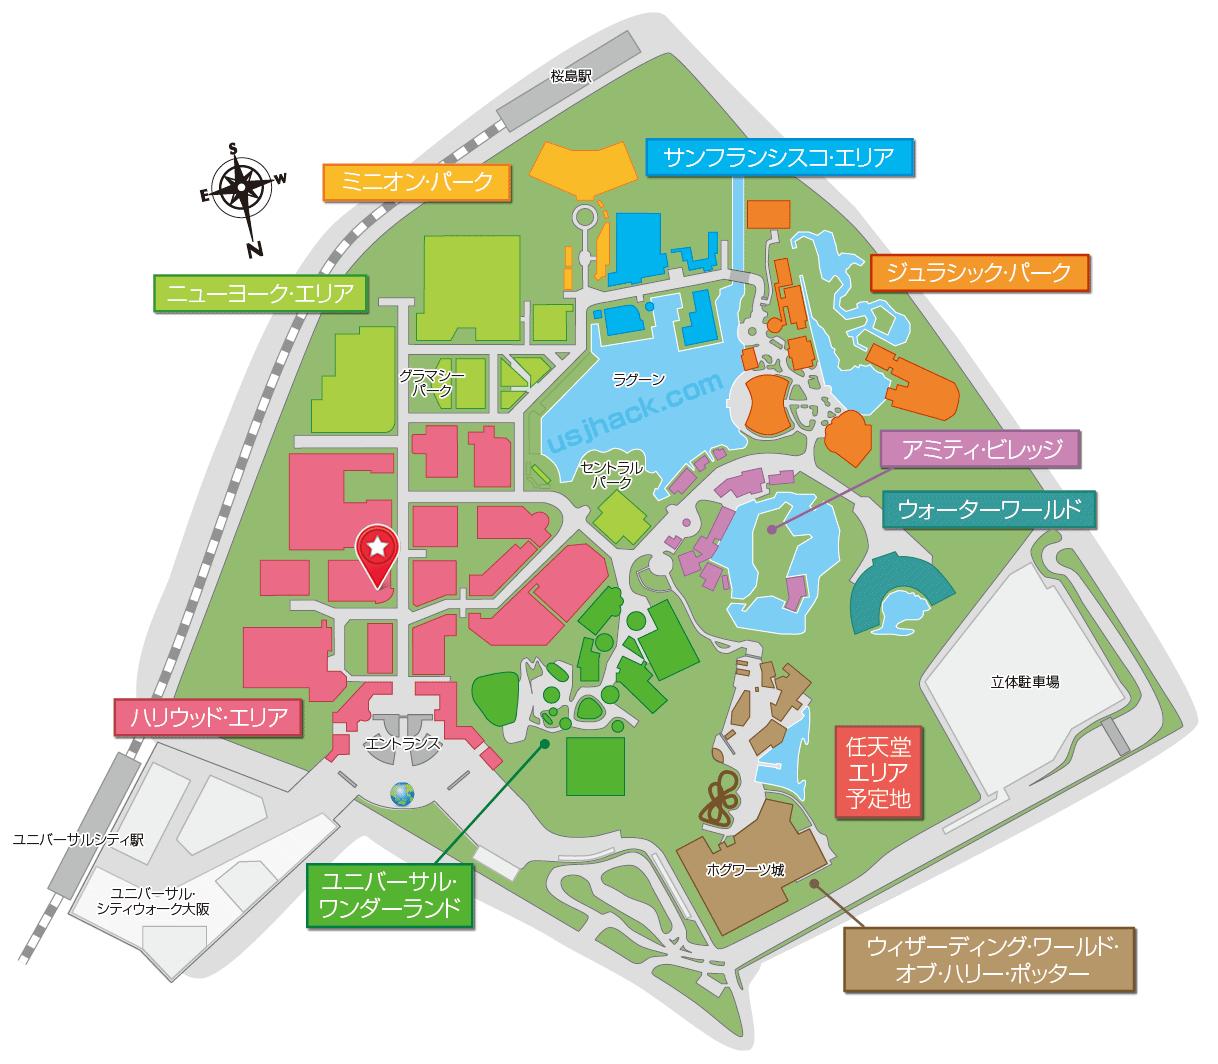 マップで確認するブラッドレジェンドの開催場所